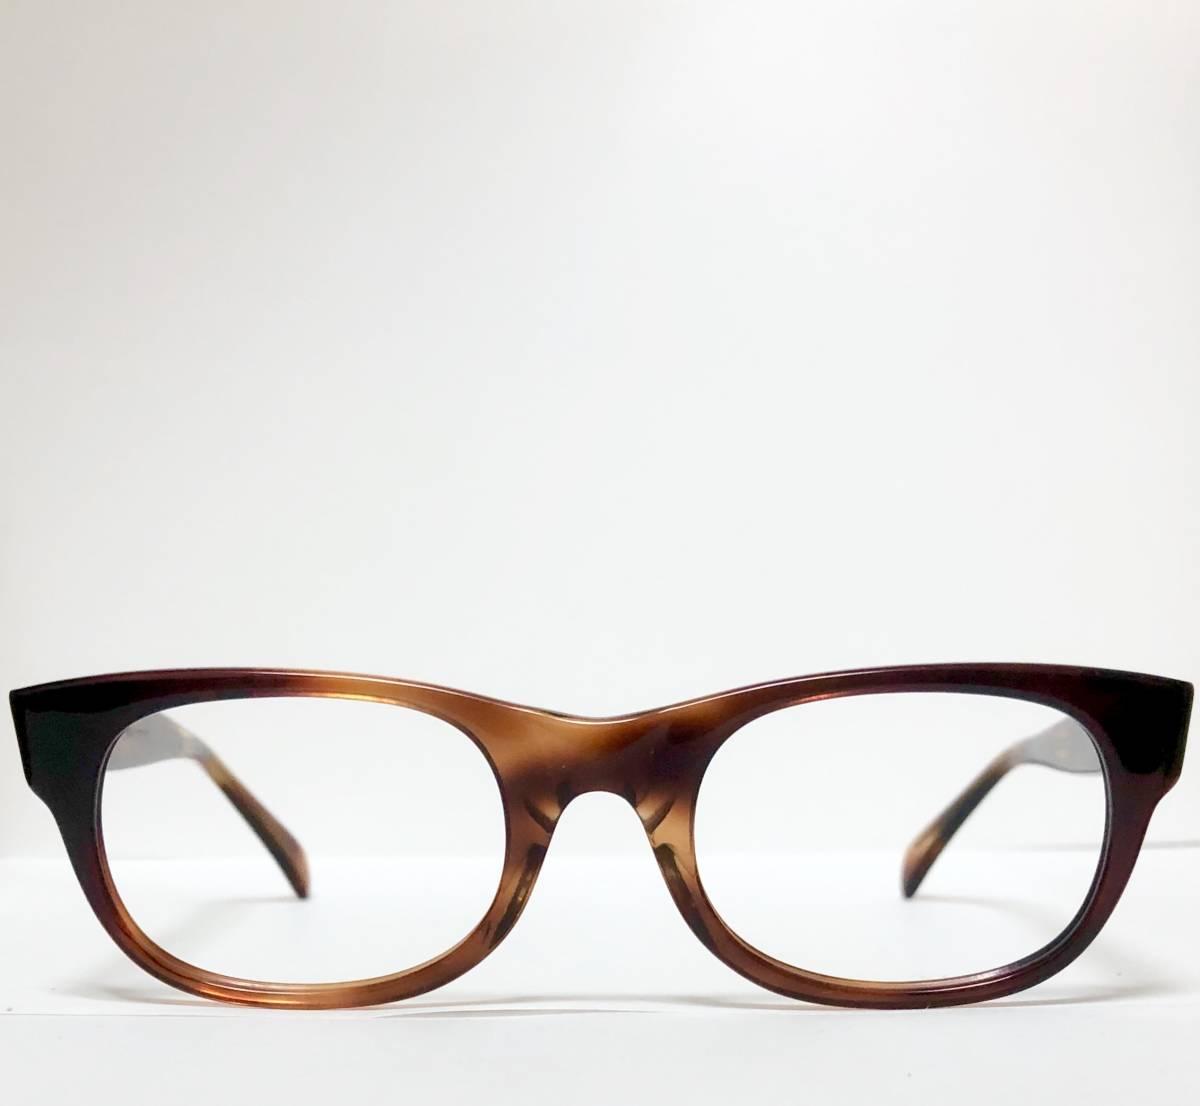 新品・1960年代頃】アメリカンオプティカル AO All純正 メガネ American Optical アンバー 米国製 ビンテージ ヴィンテージ _画像2